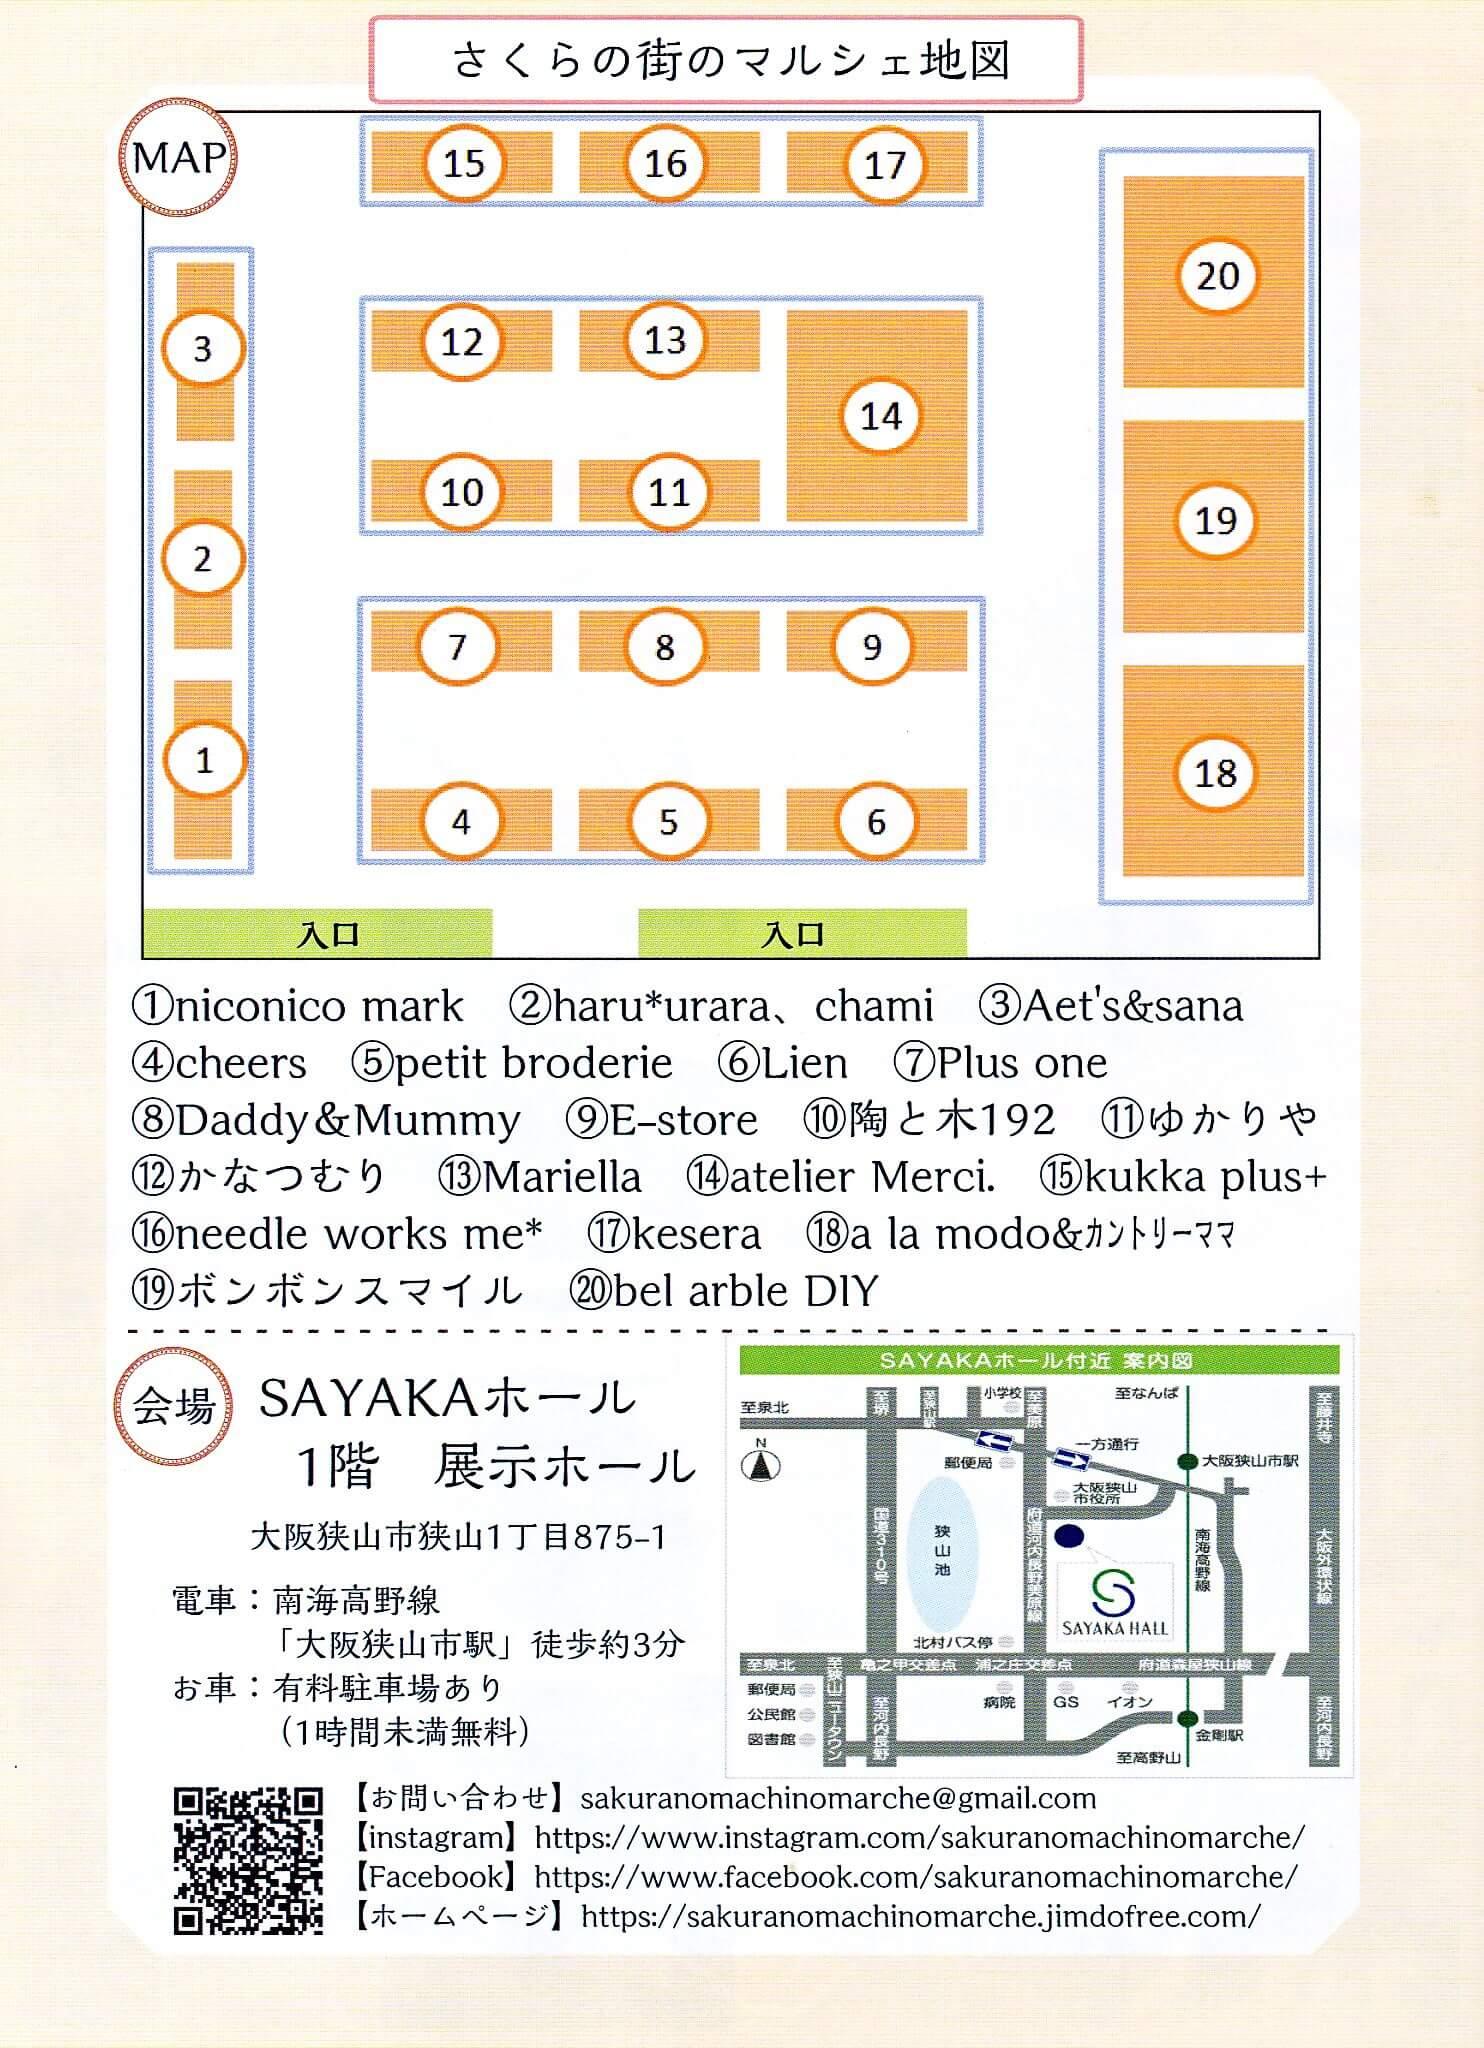 【大阪狭山市で手づくり市】「第3回さくらの街のマルシェ」がSAYAKAホールで2019年11月17日に開催されます (2)